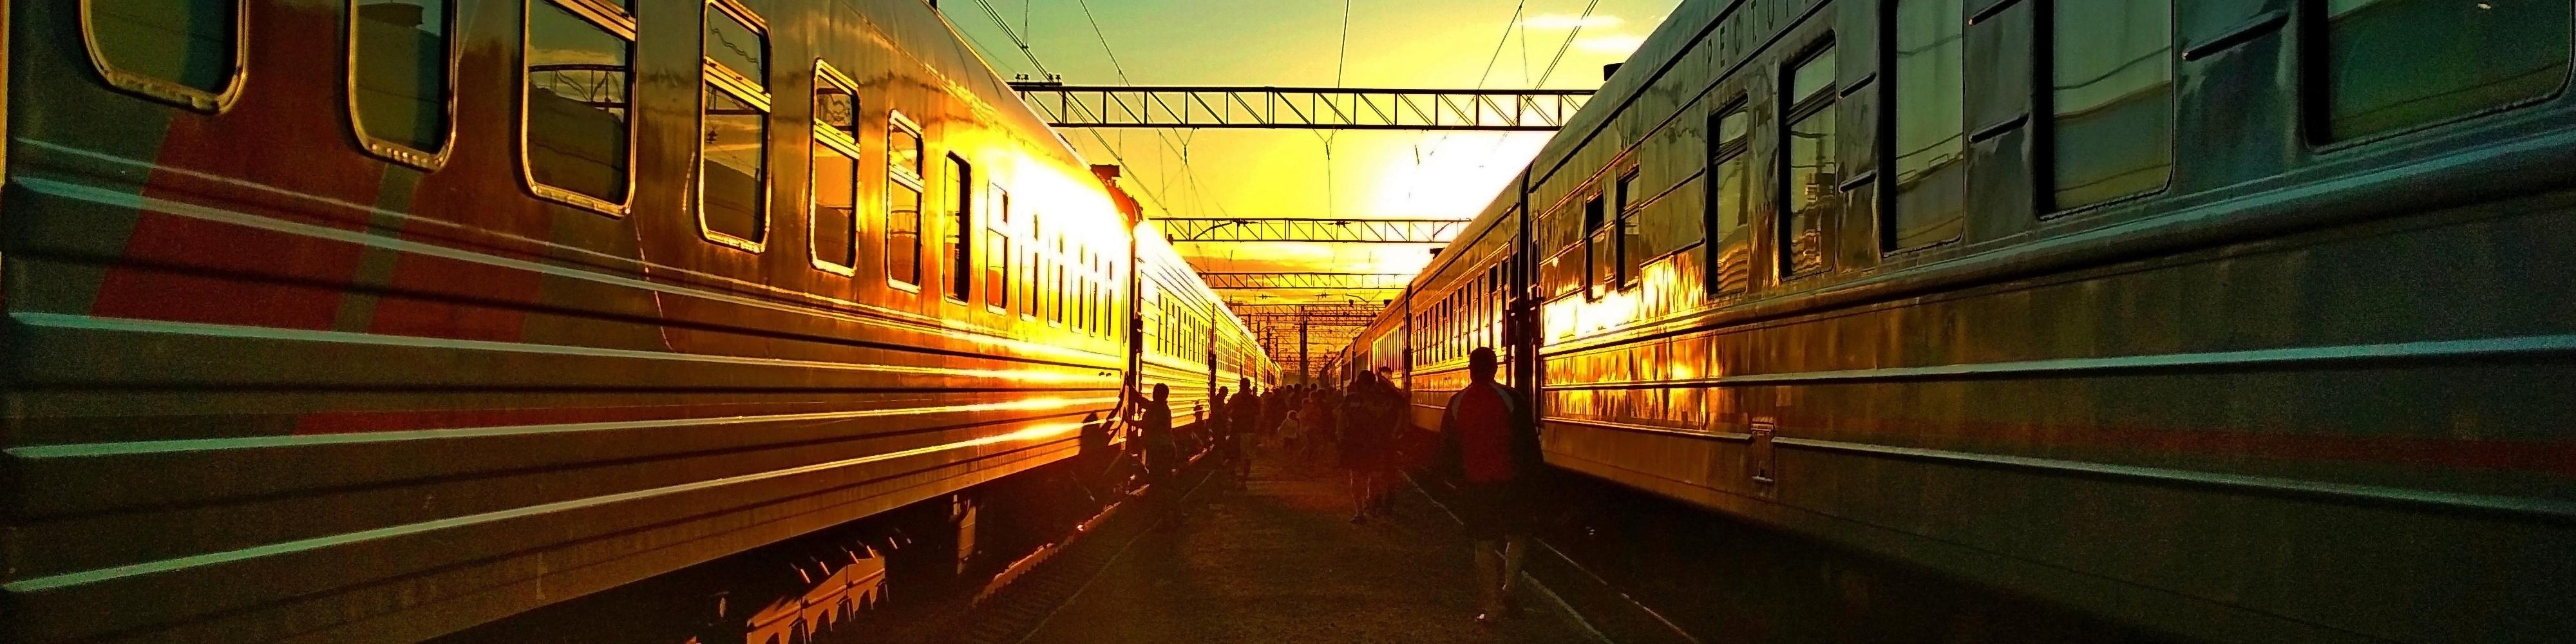 Szerokie tory - Bilety na Kolej Transsyberyjską